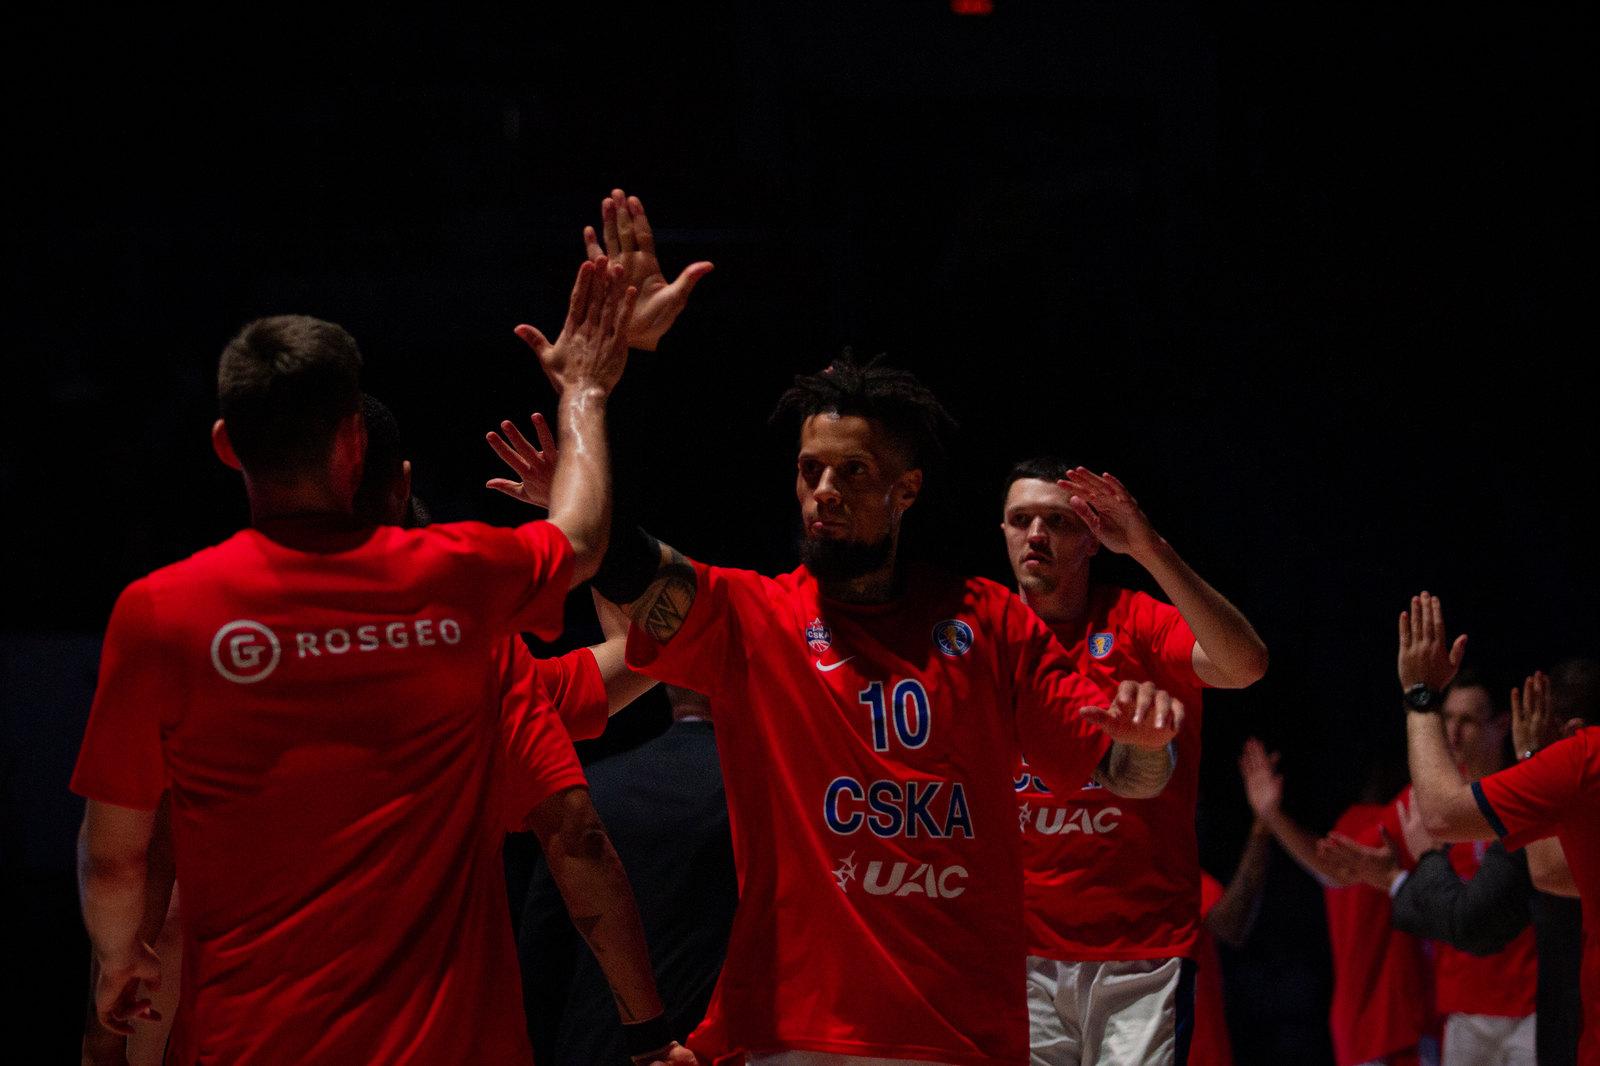 17/05/2021 Zenit-CSKA 73:78